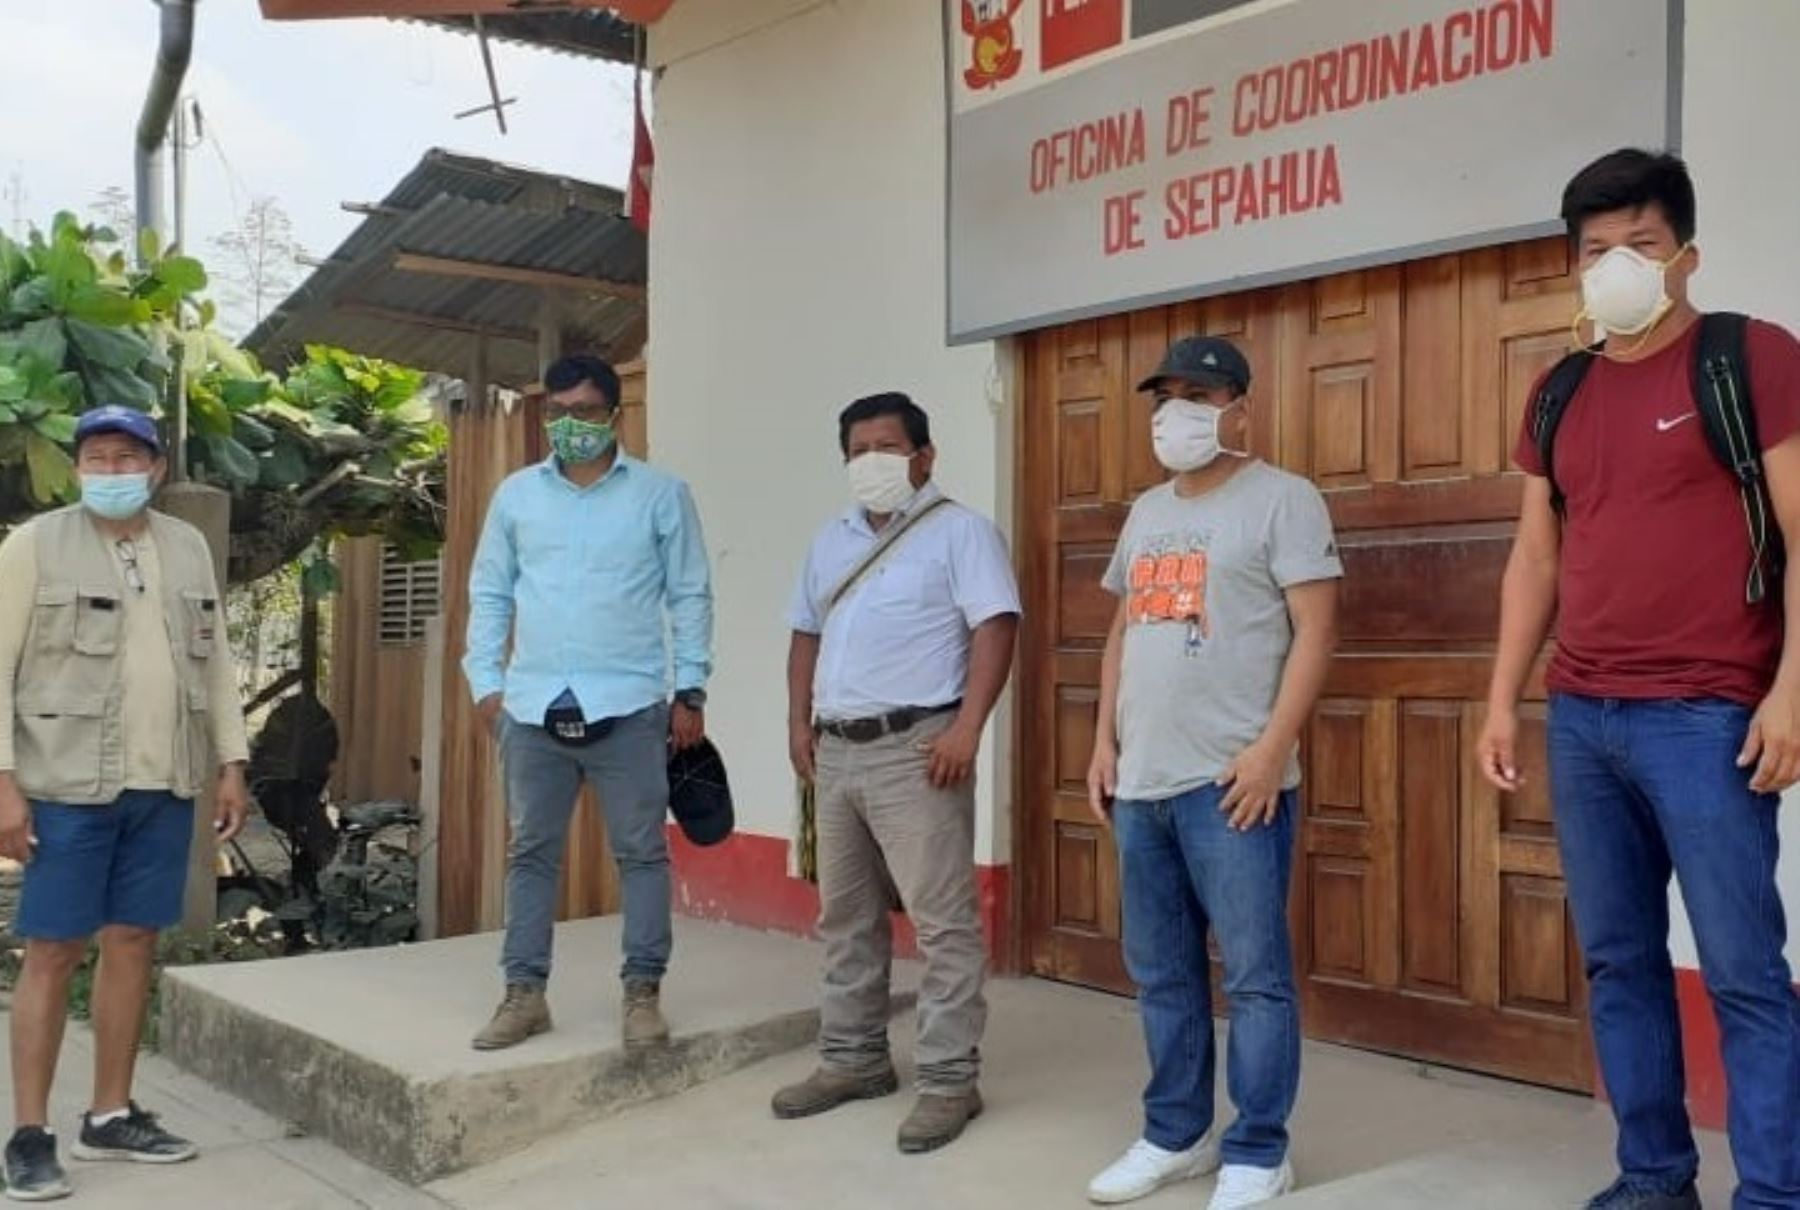 El Ministerio de Cultura anunció la entrega de 10,000  mascarillas a comunidades indígenas del Bajo Urubamba, región Cusco, para prevenir la propagación del coronavirus. ANDINA/Difusión